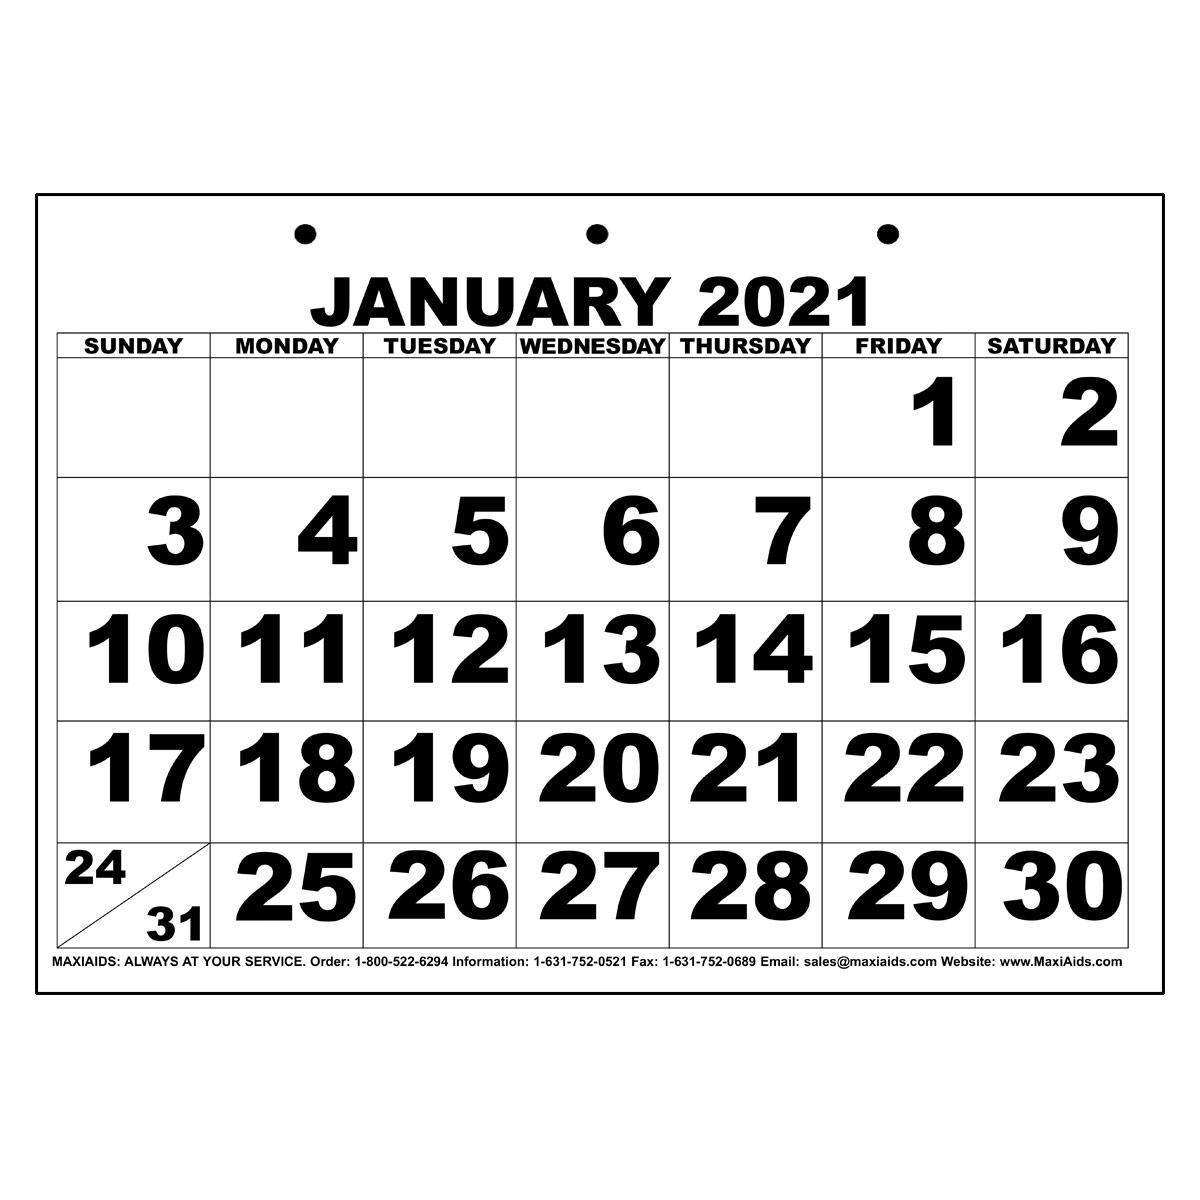 Low Vision Print Calendar - 2021 intended for Large Number Calendar